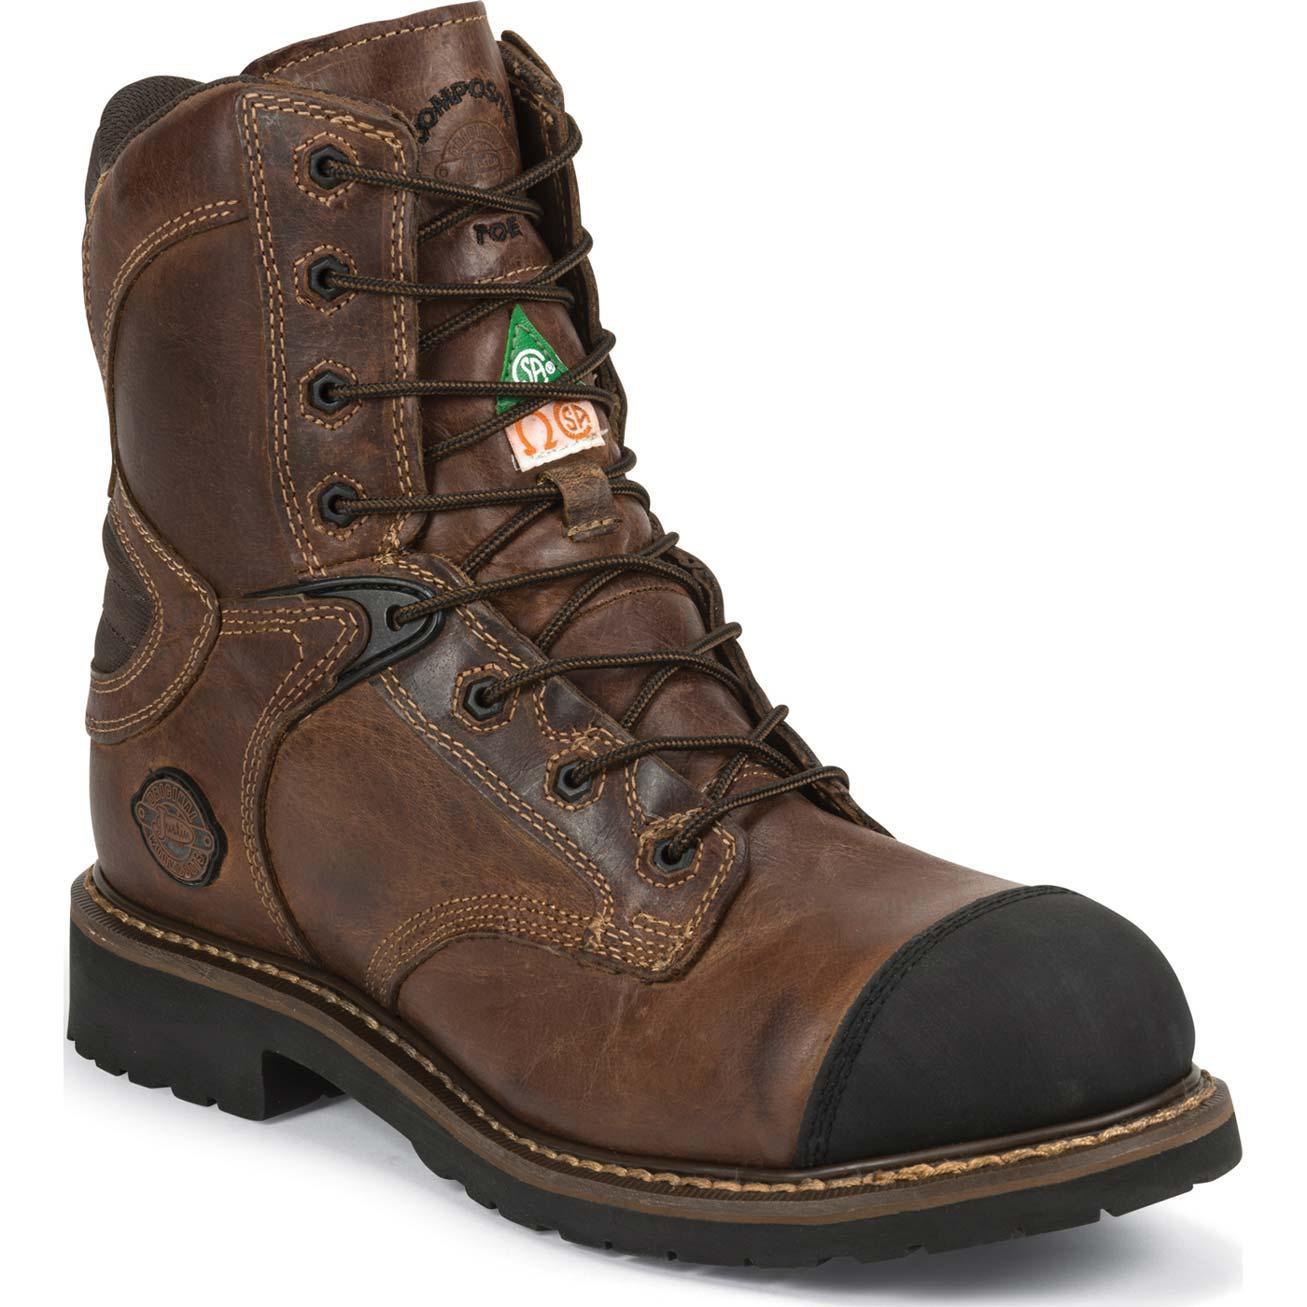 Https Www Skechers Com En Us Men Styles Shoes Boots